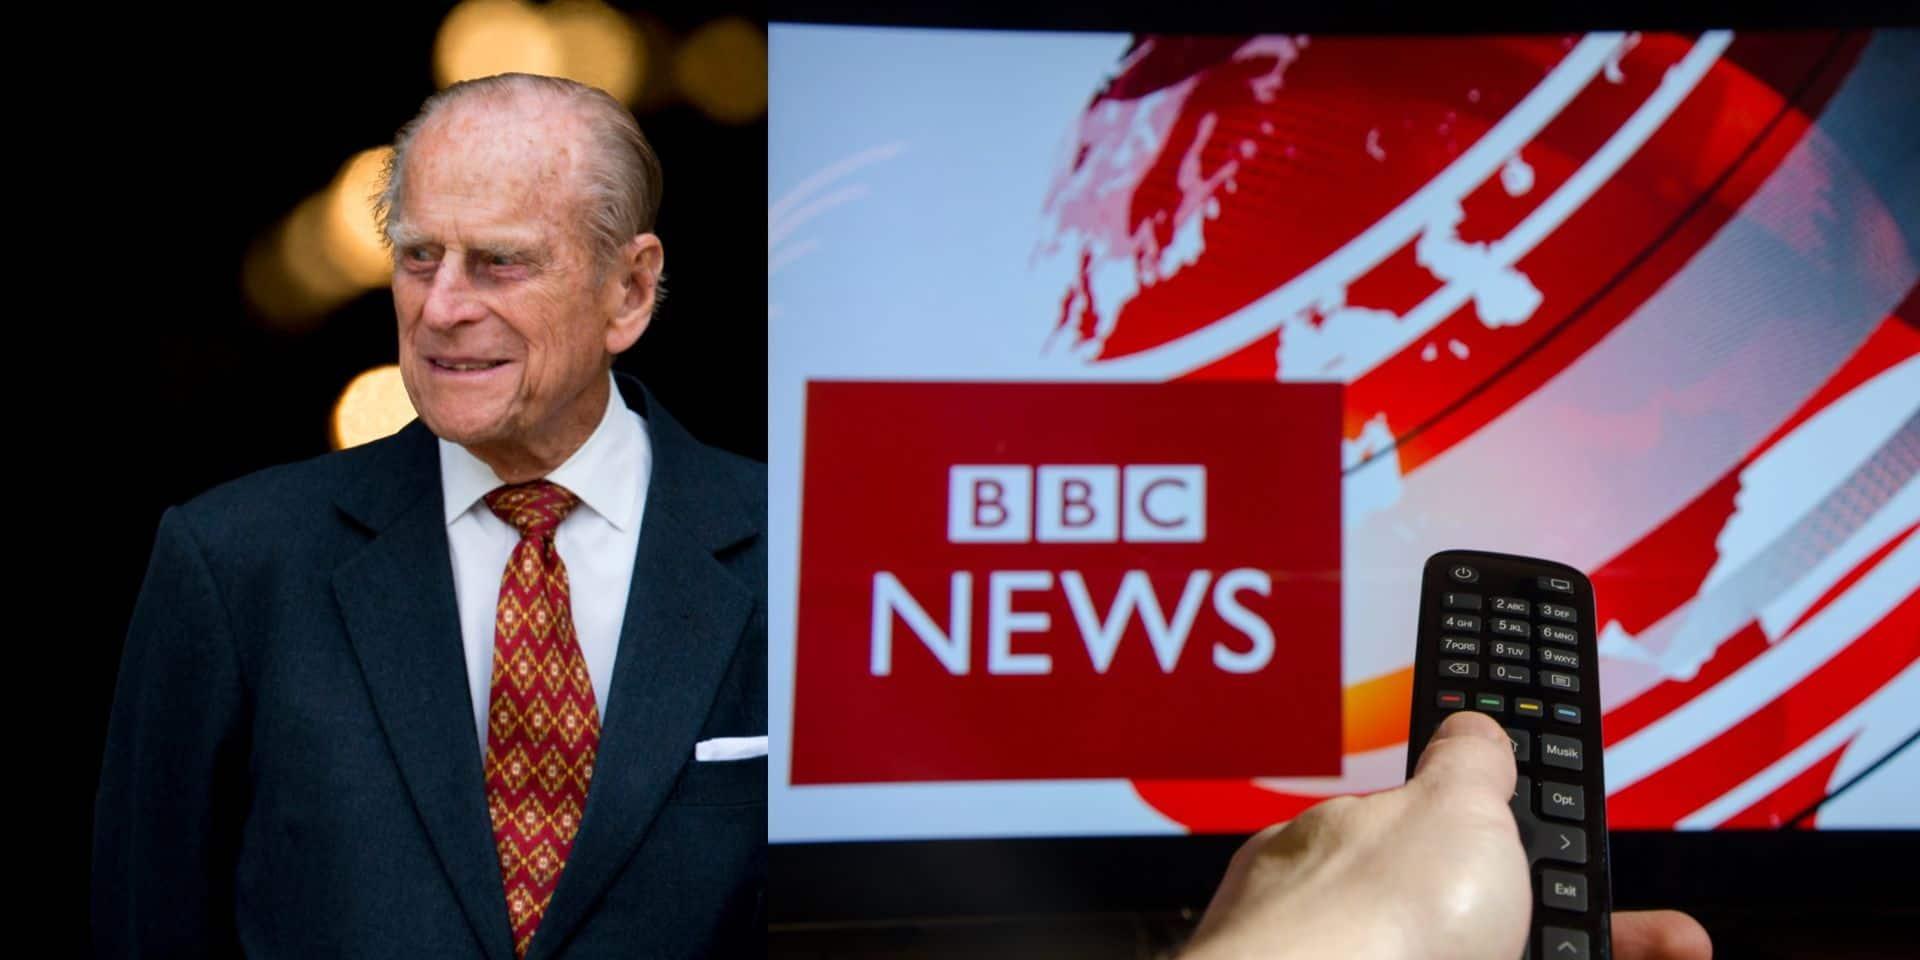 La BBC a reçu 100.000 plaintes à propos de sa couverture de la mort du prince Philip